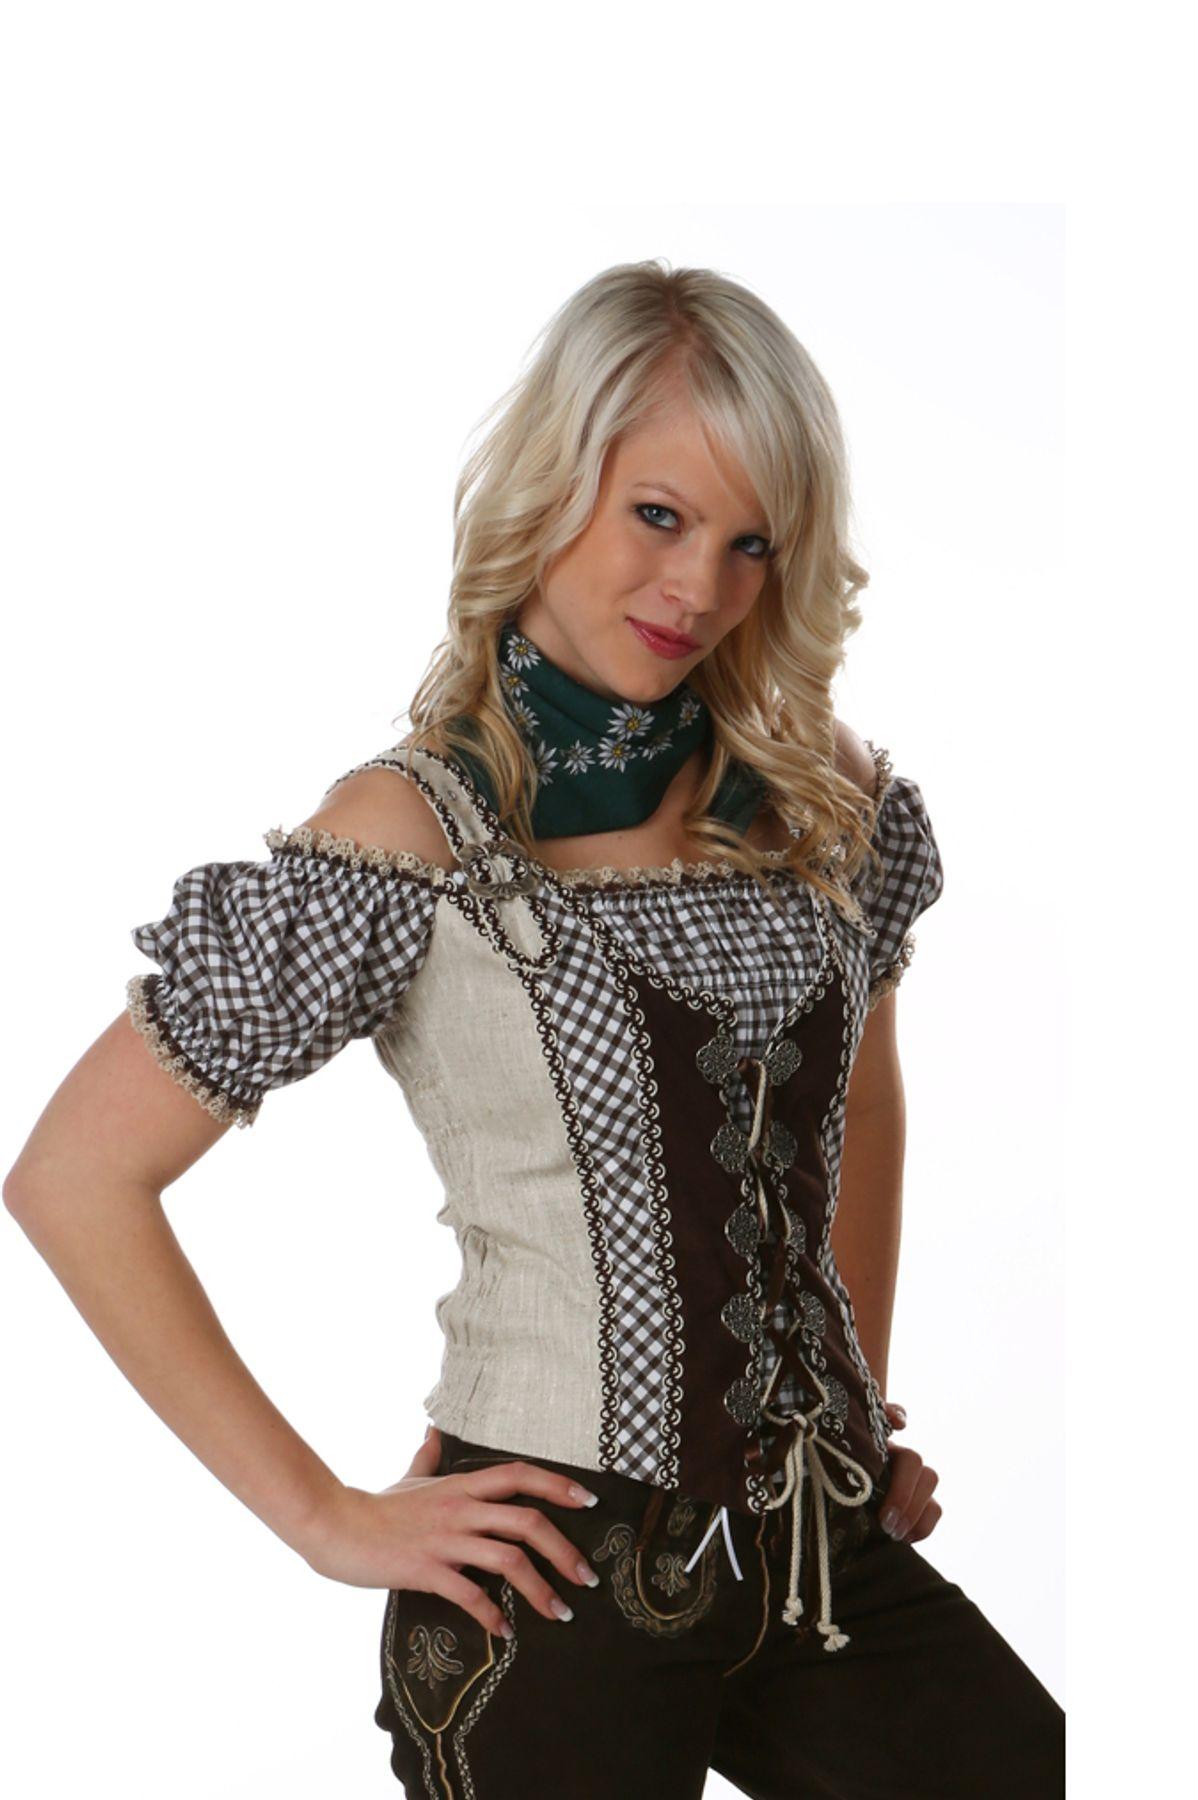 Fuchs Trachten - Damen Trachten Mieder (Artikelnummer: 4577) – Bild 1